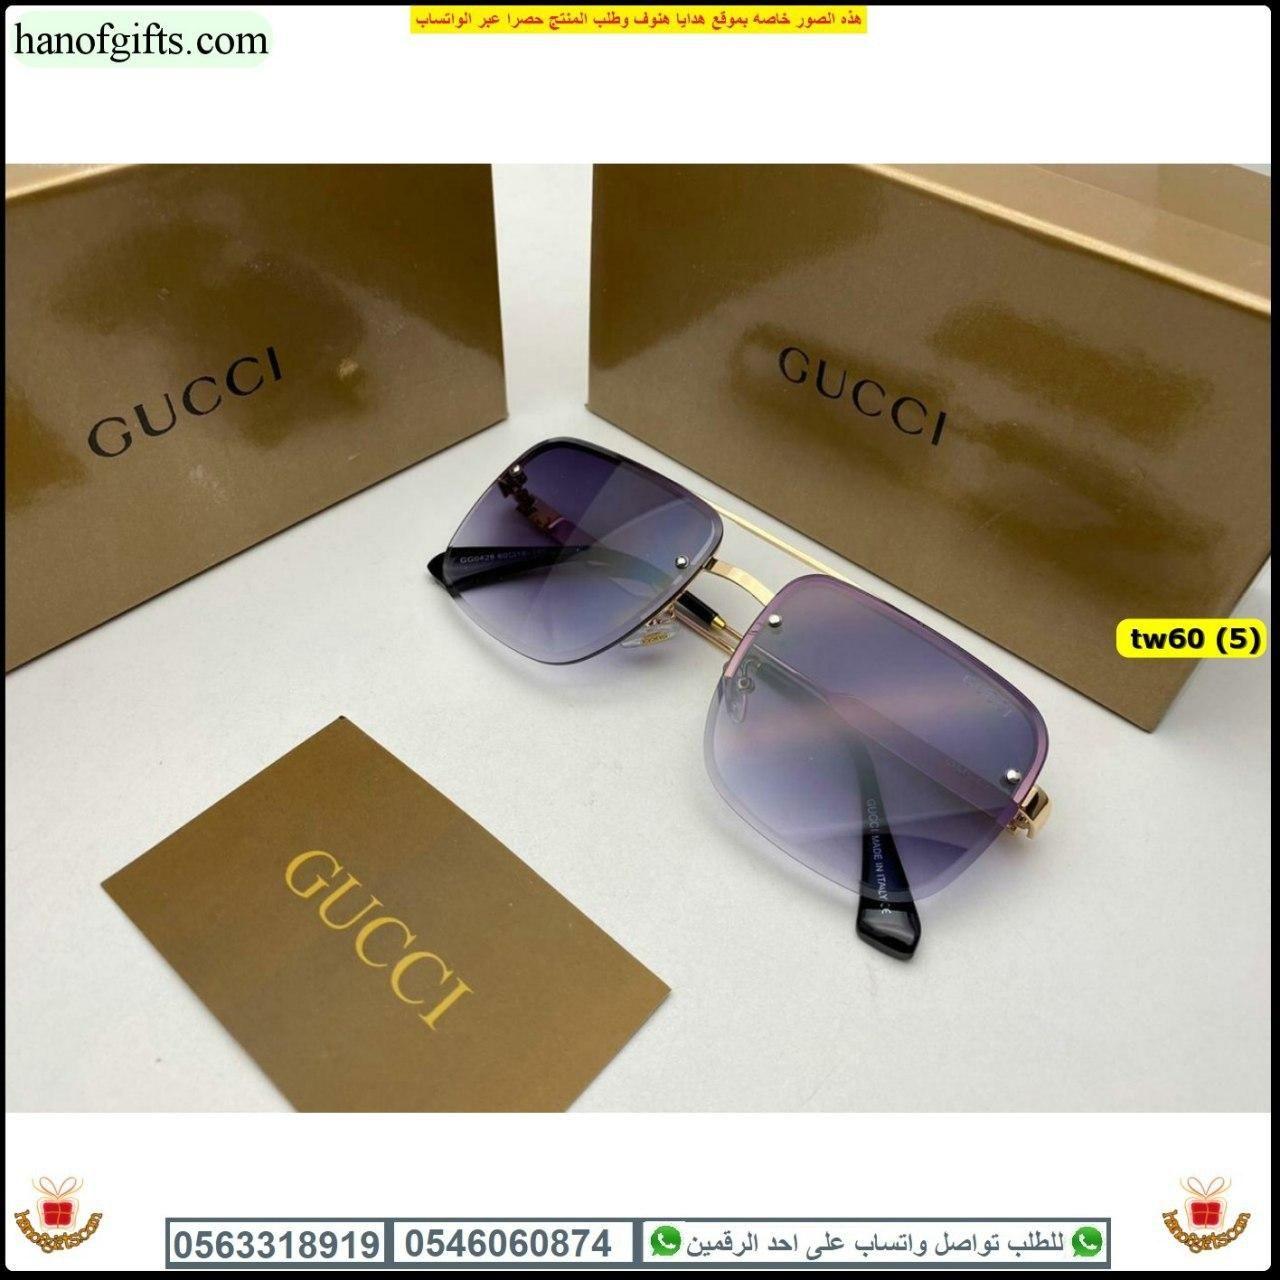 نظارات قوتشي رجالي 2020 احصل عليها مع الملحقات كيس وعلبة الماركة هدايا هنوف Glasses Fashion Glasses Sunglasses